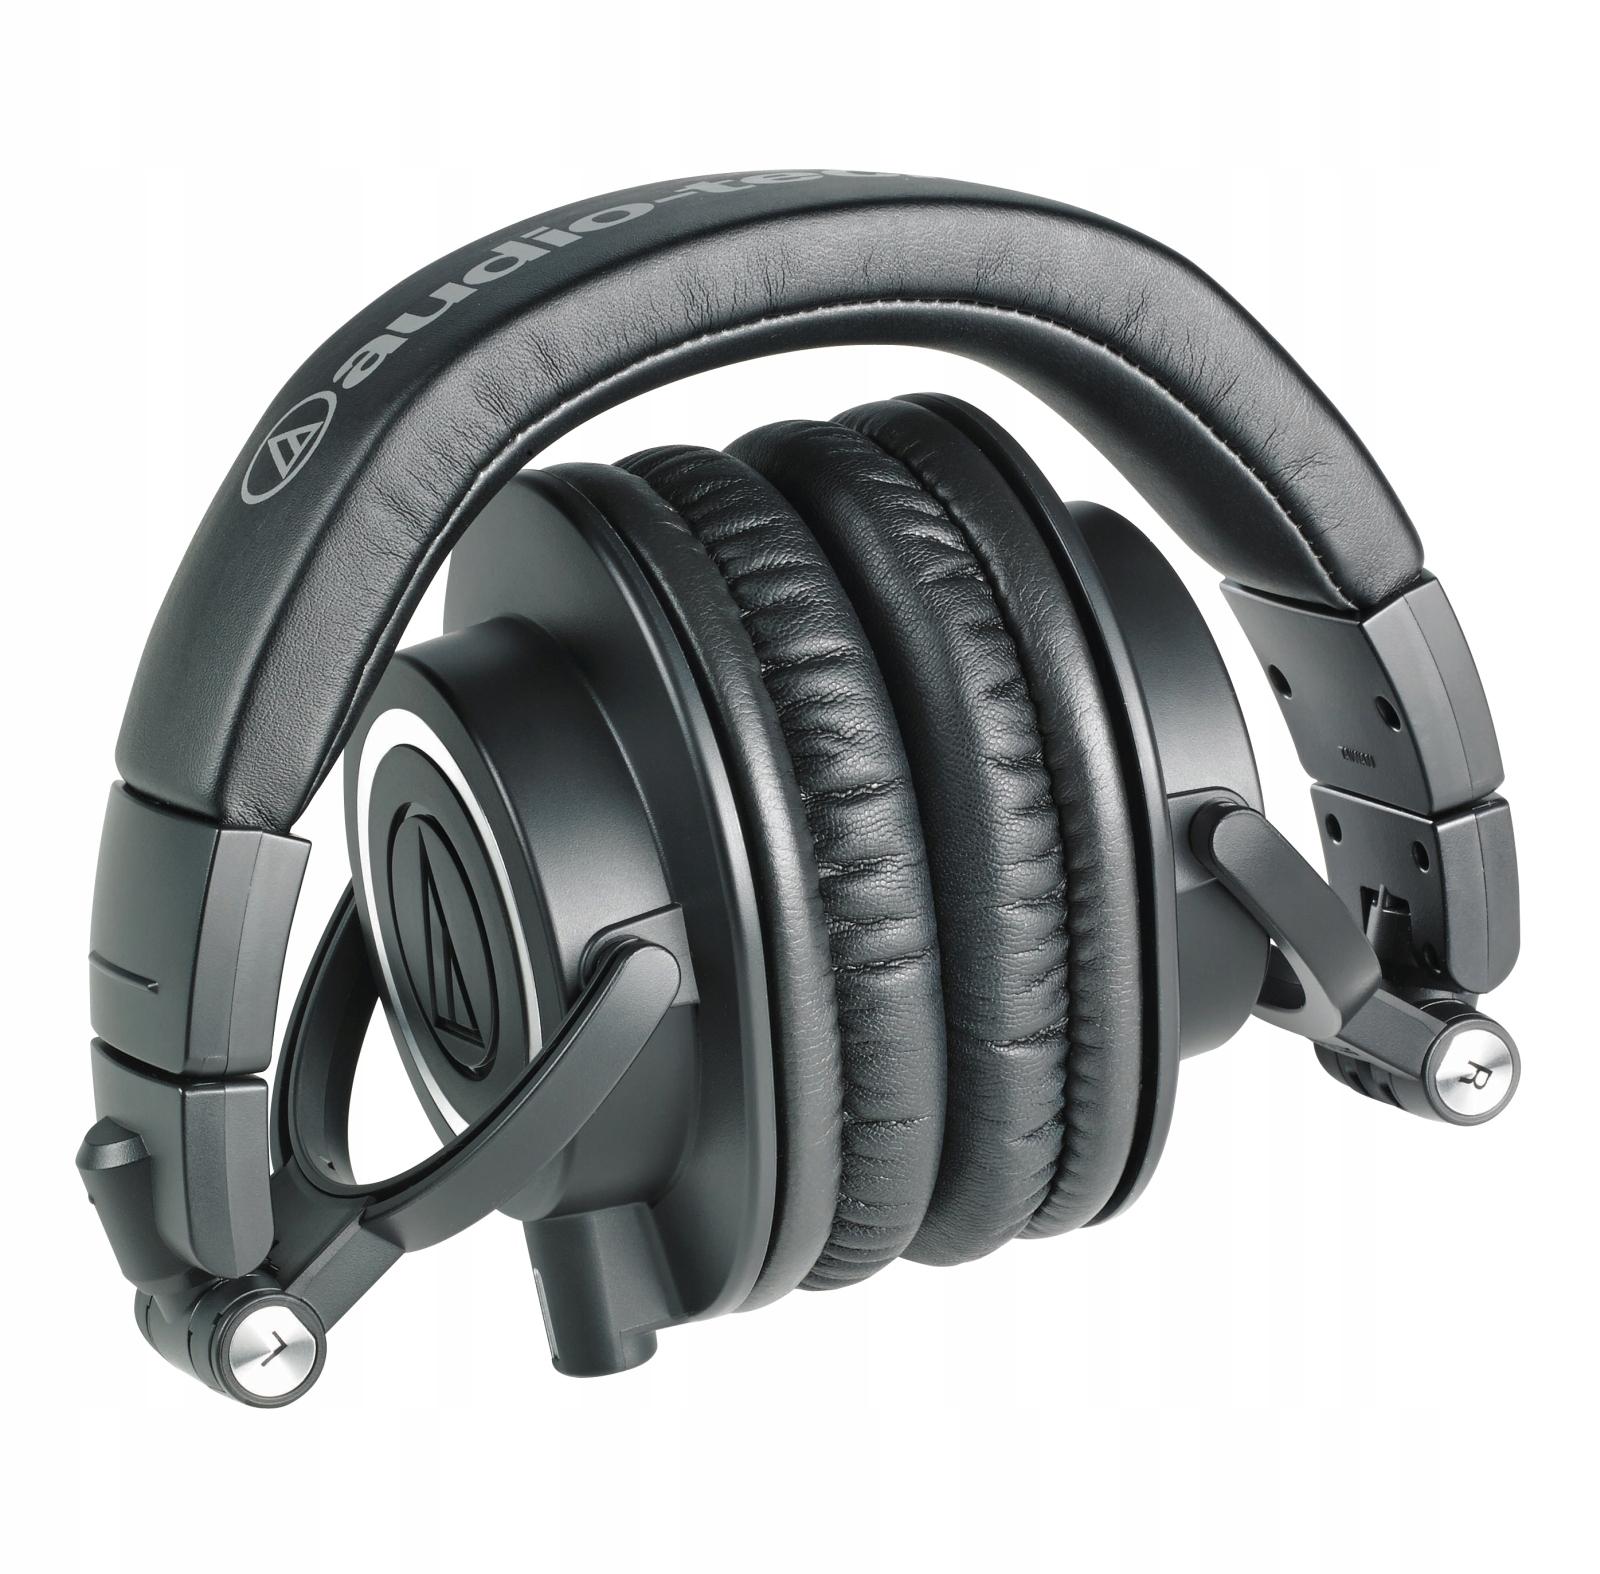 AUDIO-TECHNICA ATH-M50X Słuchawki zamknięte + AKC Waga produktu 284 g